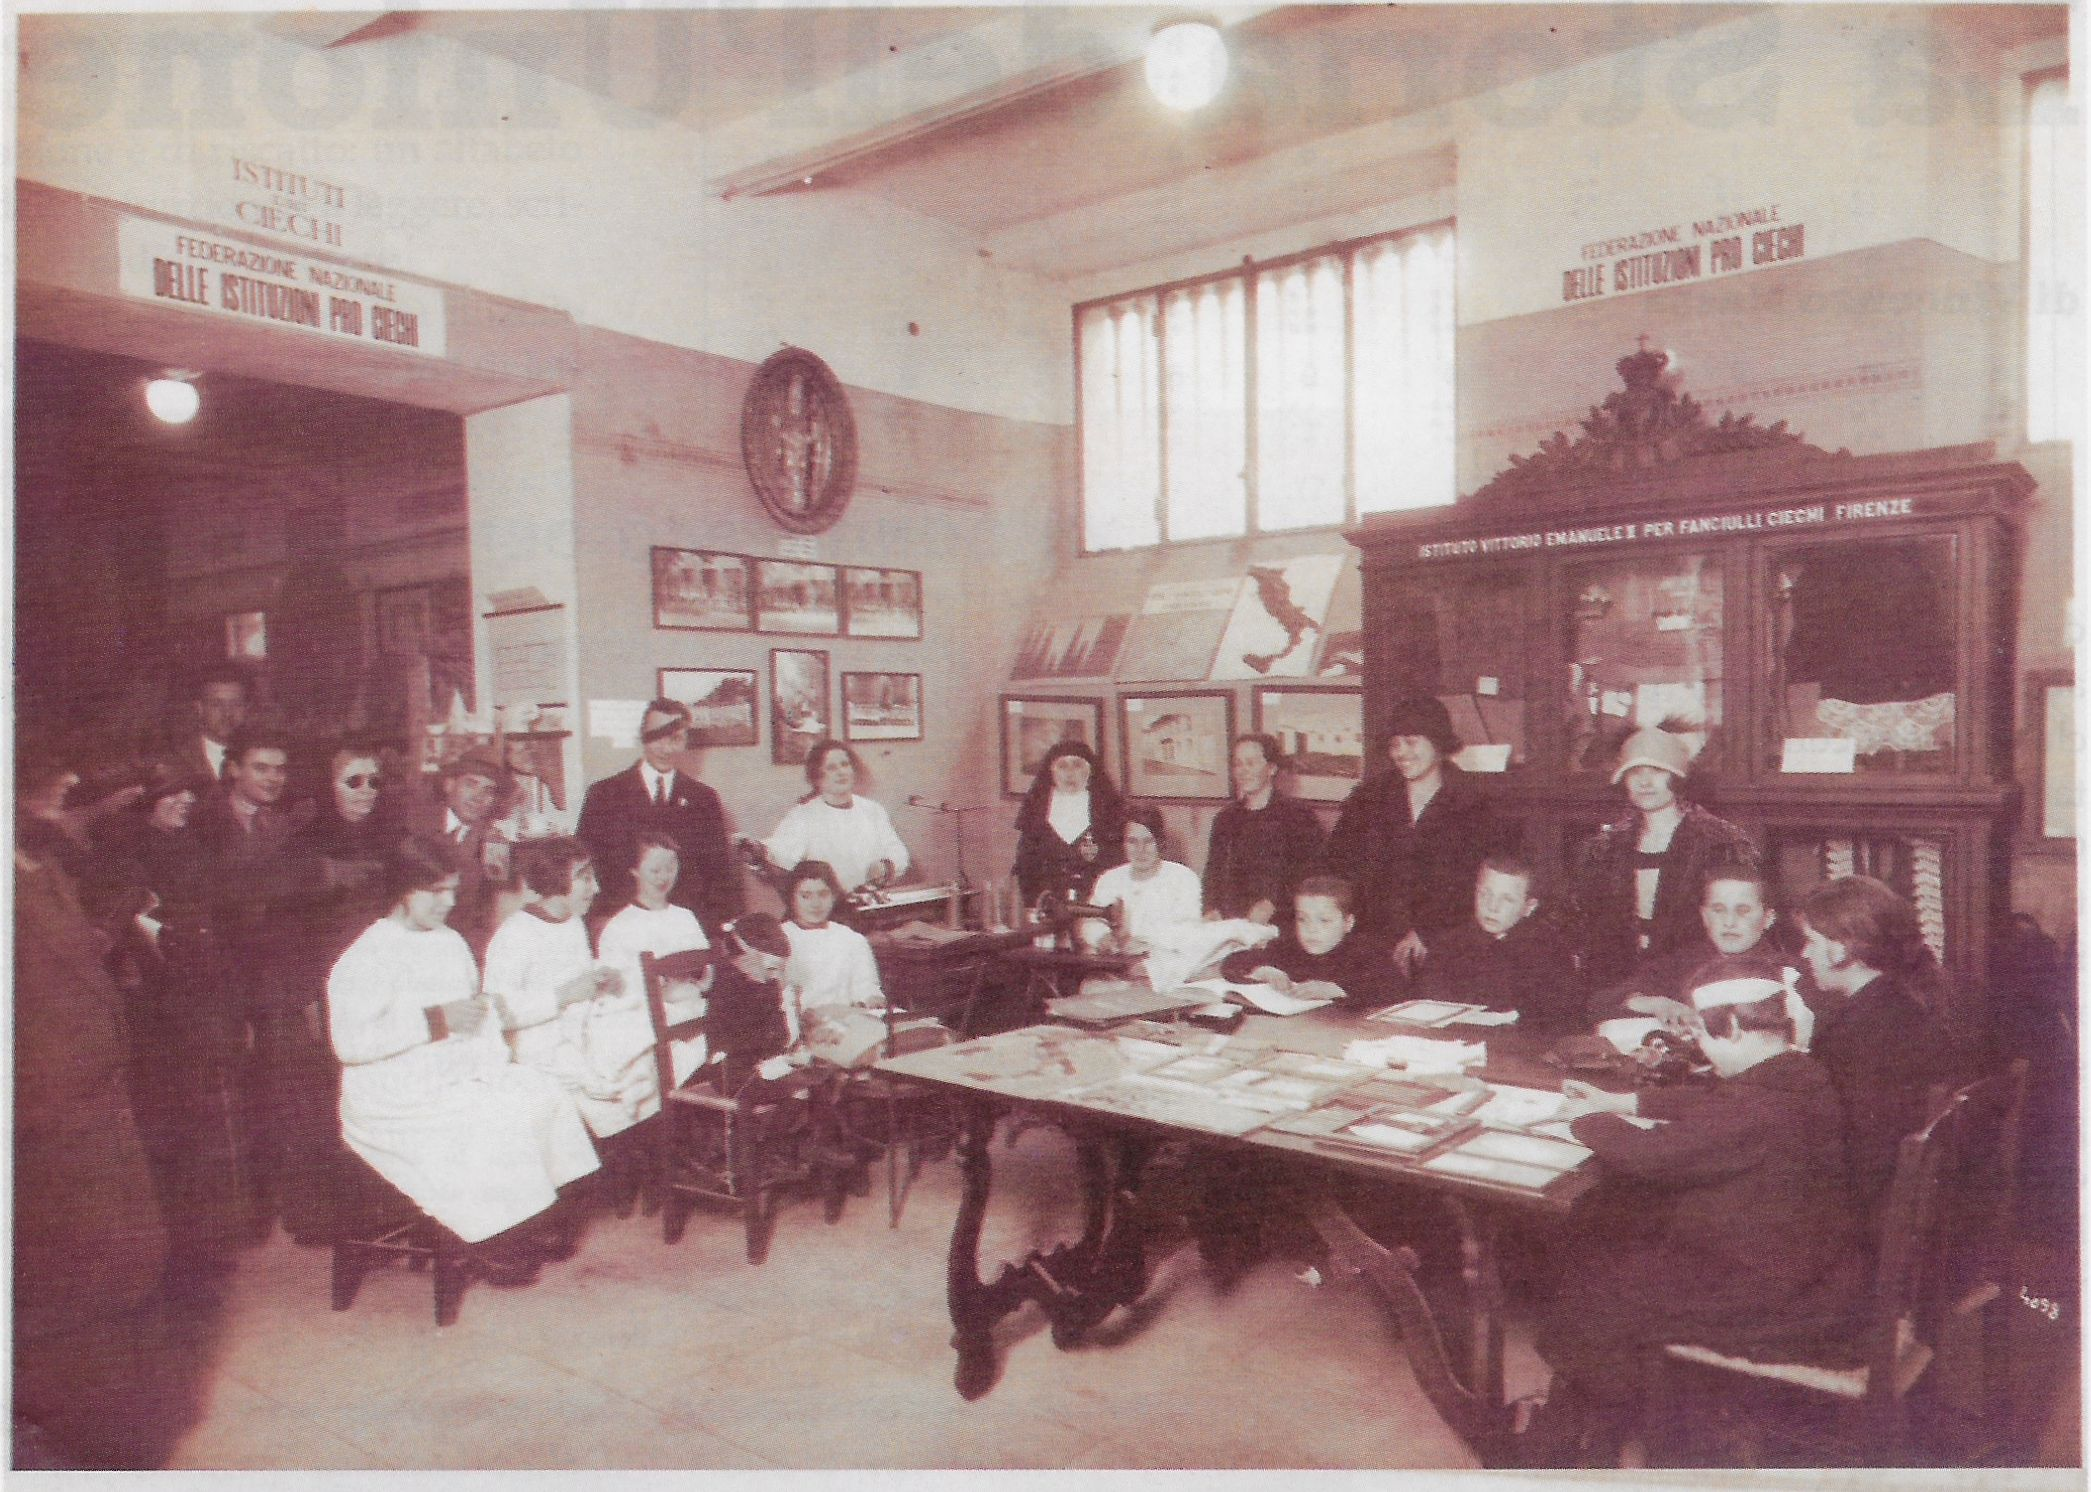 L'Istituto per Ciechi di Firenze - immagini di archivio